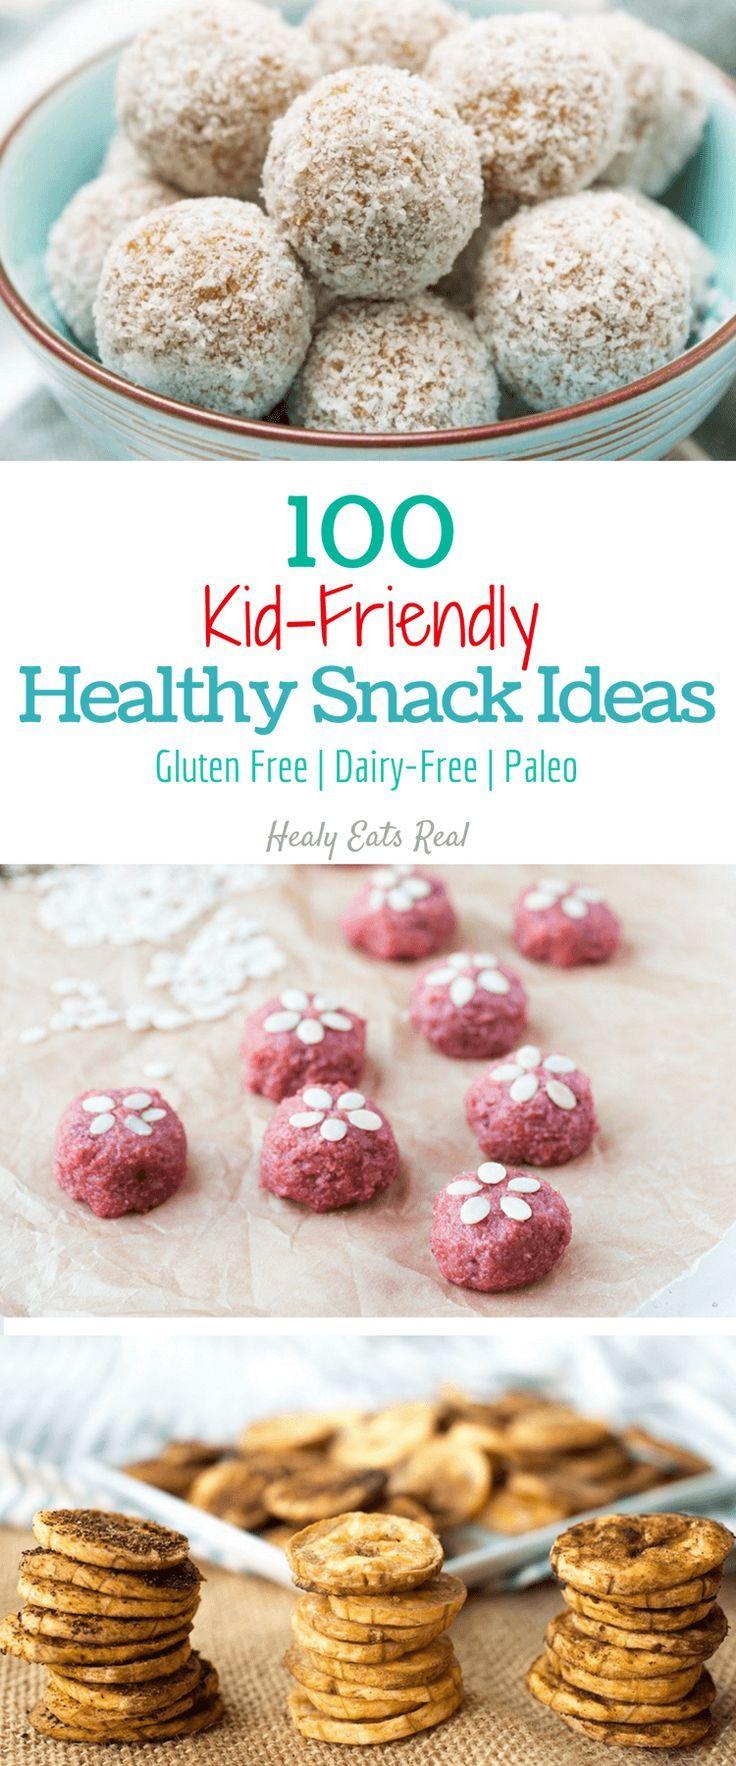 100 KidFriendly Healthy Snack Ideas (GF, DairyFree